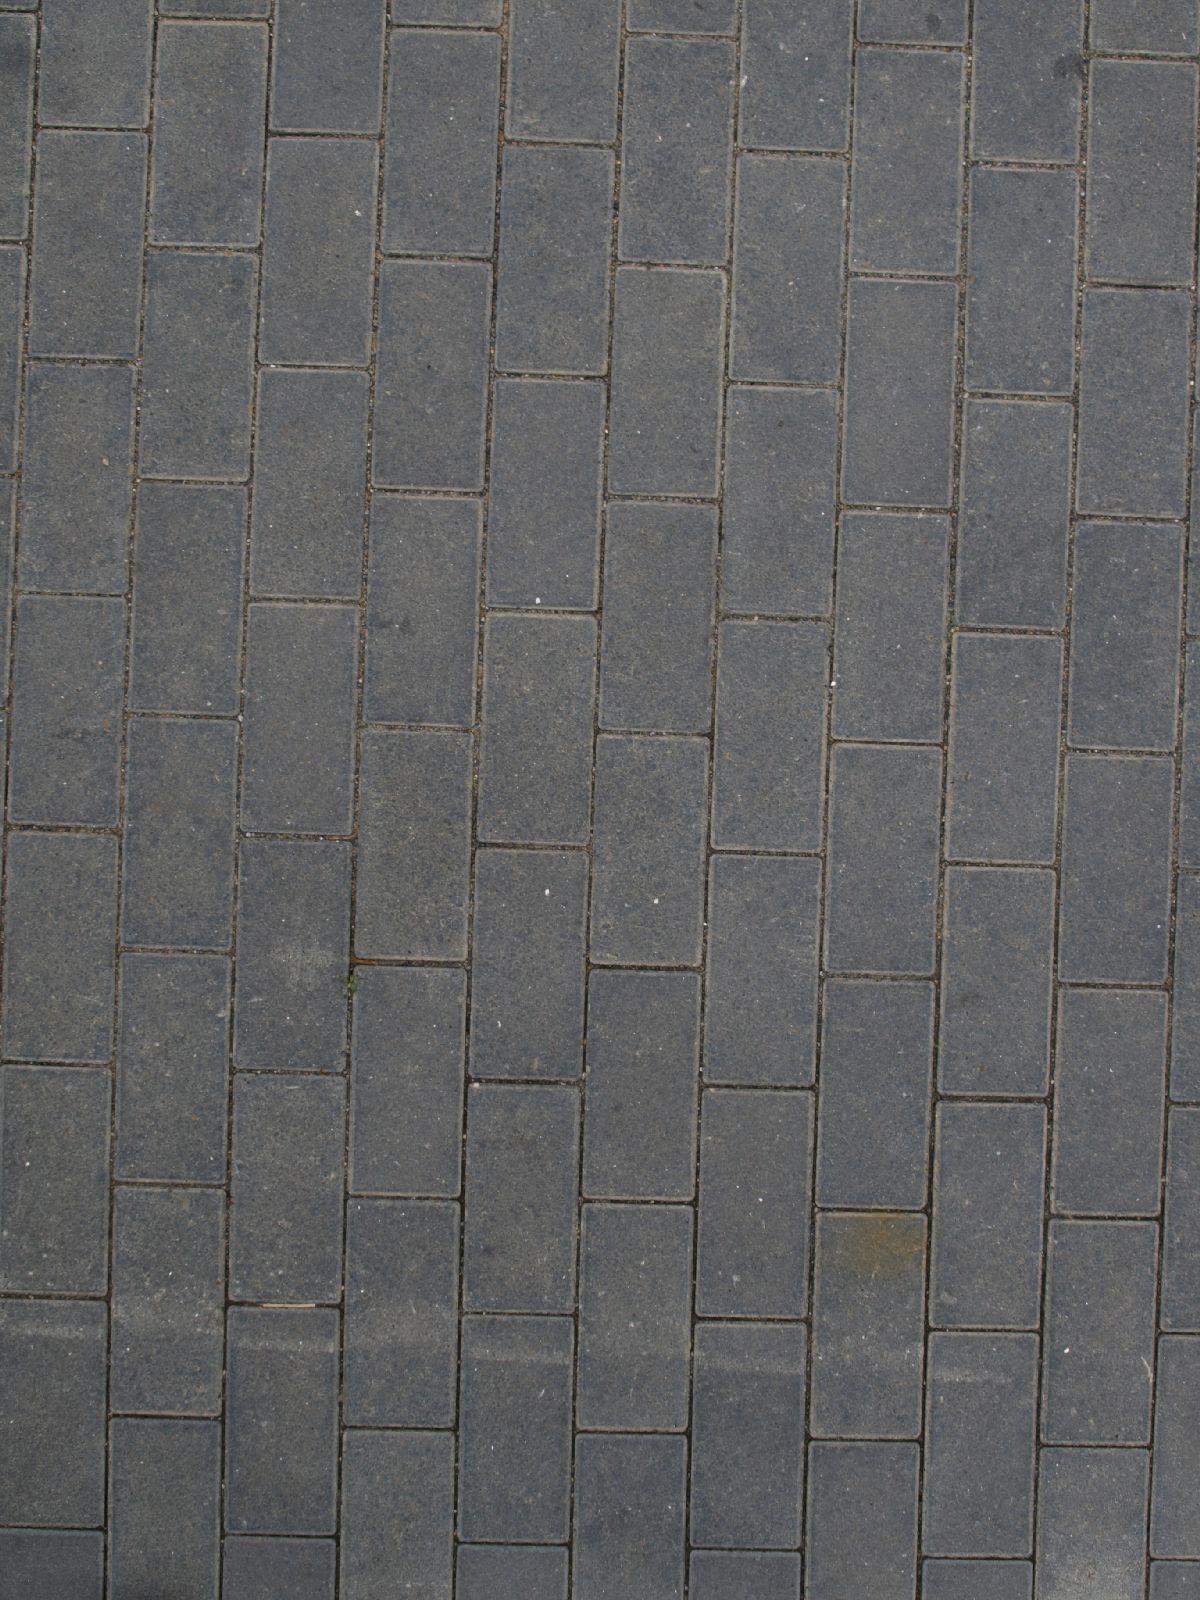 Ground-Urban_Texture_A_P9014736